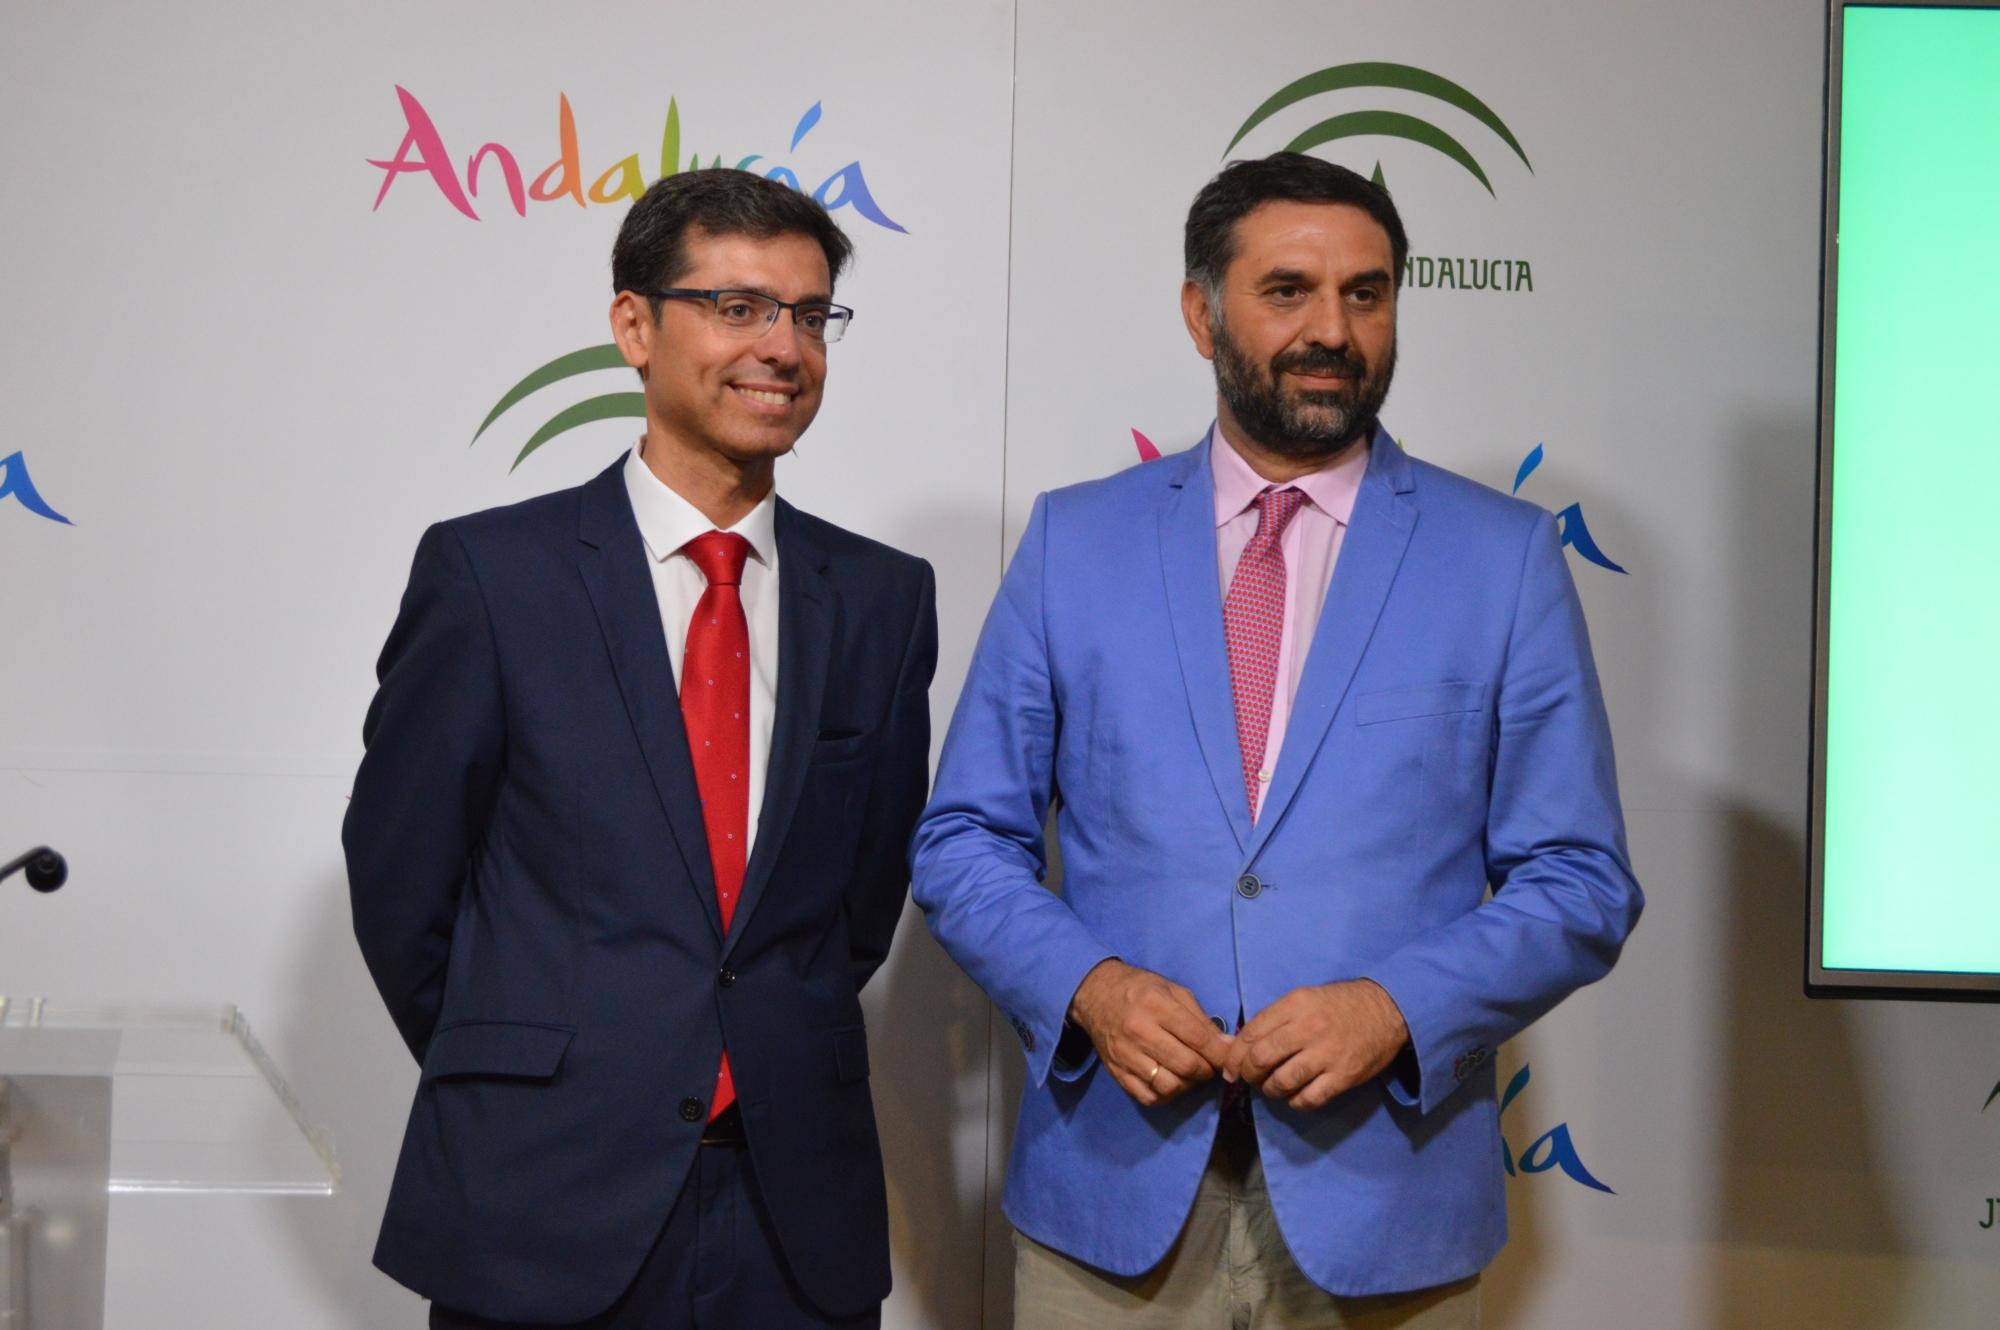 La gestión de los nuevos tiempos en promoción, principal reto del consejero delegado de Turismo y Deporte de Andalucía